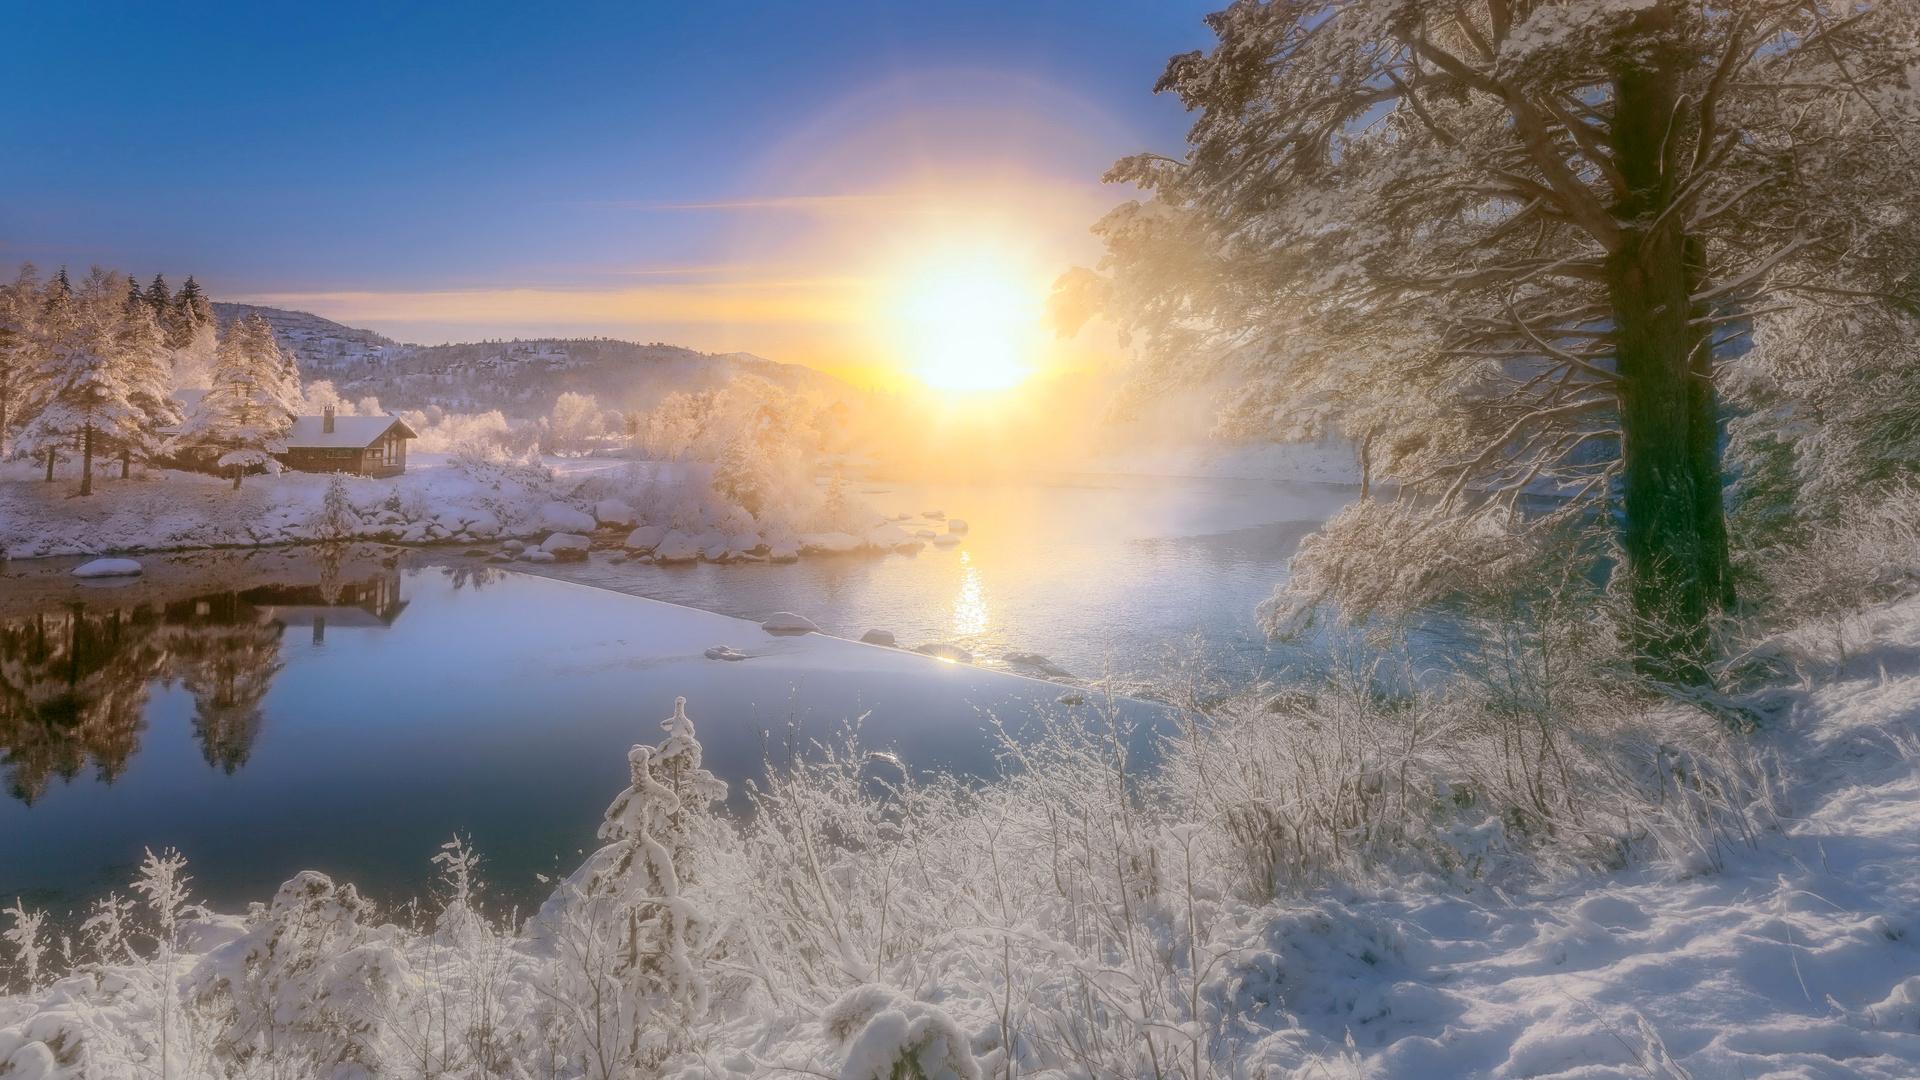 картинка ч добрым утром с зимними пейзажами лишай под мышками